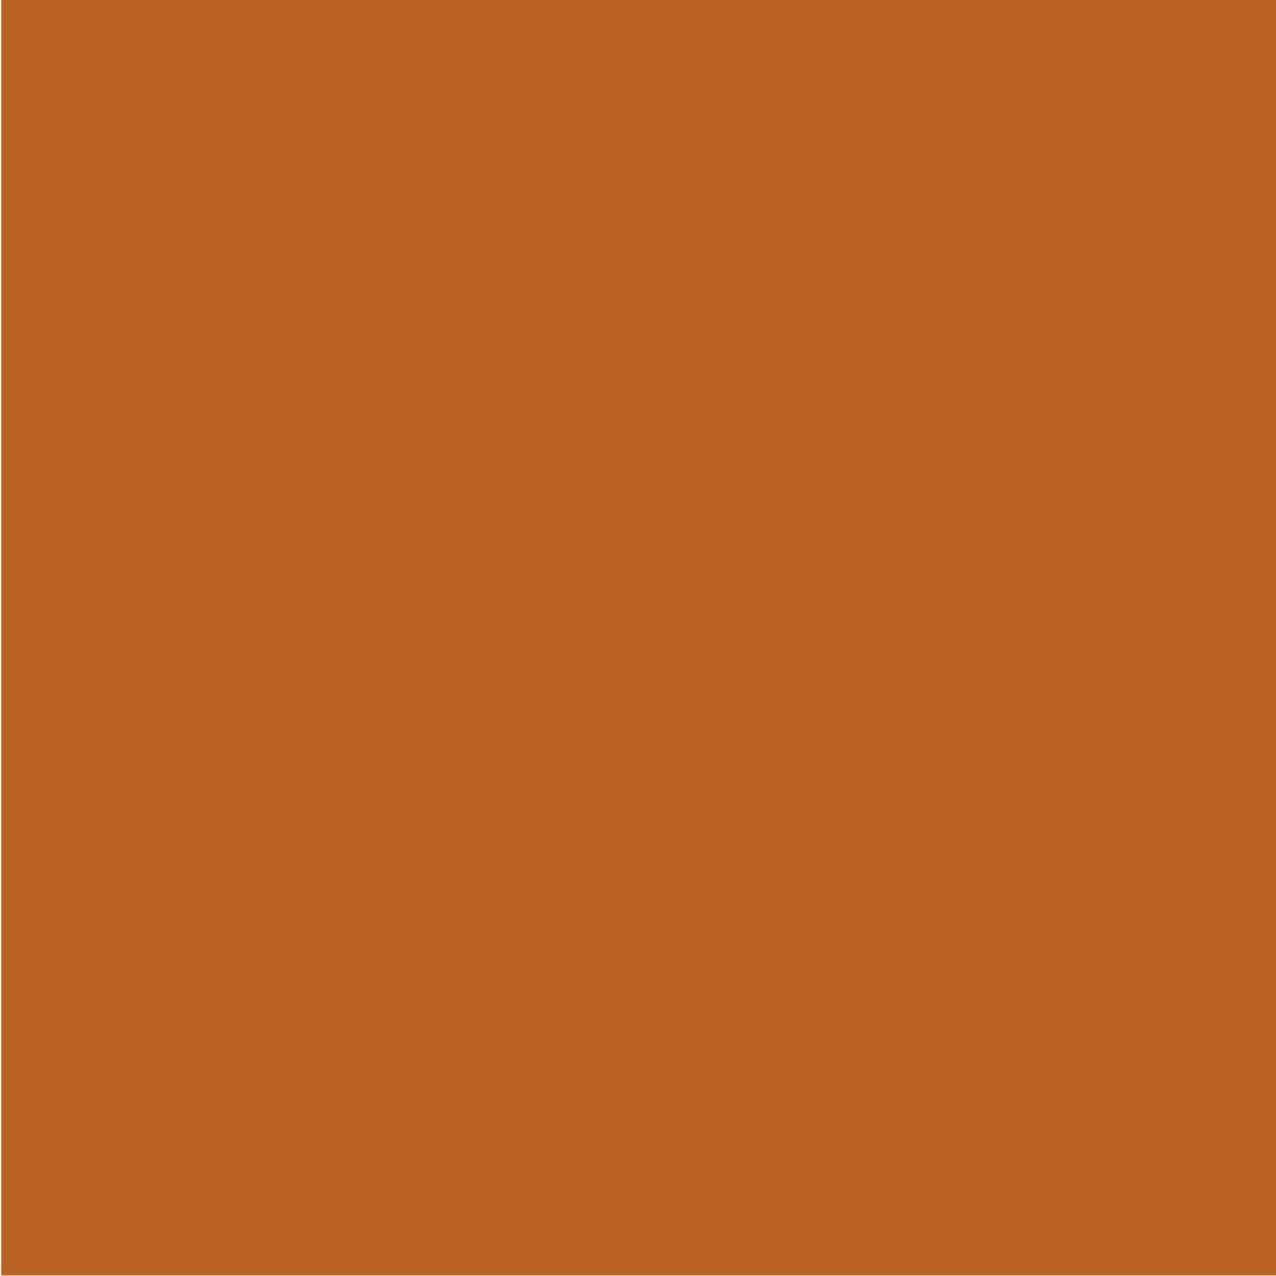 orange+square-01.jpg